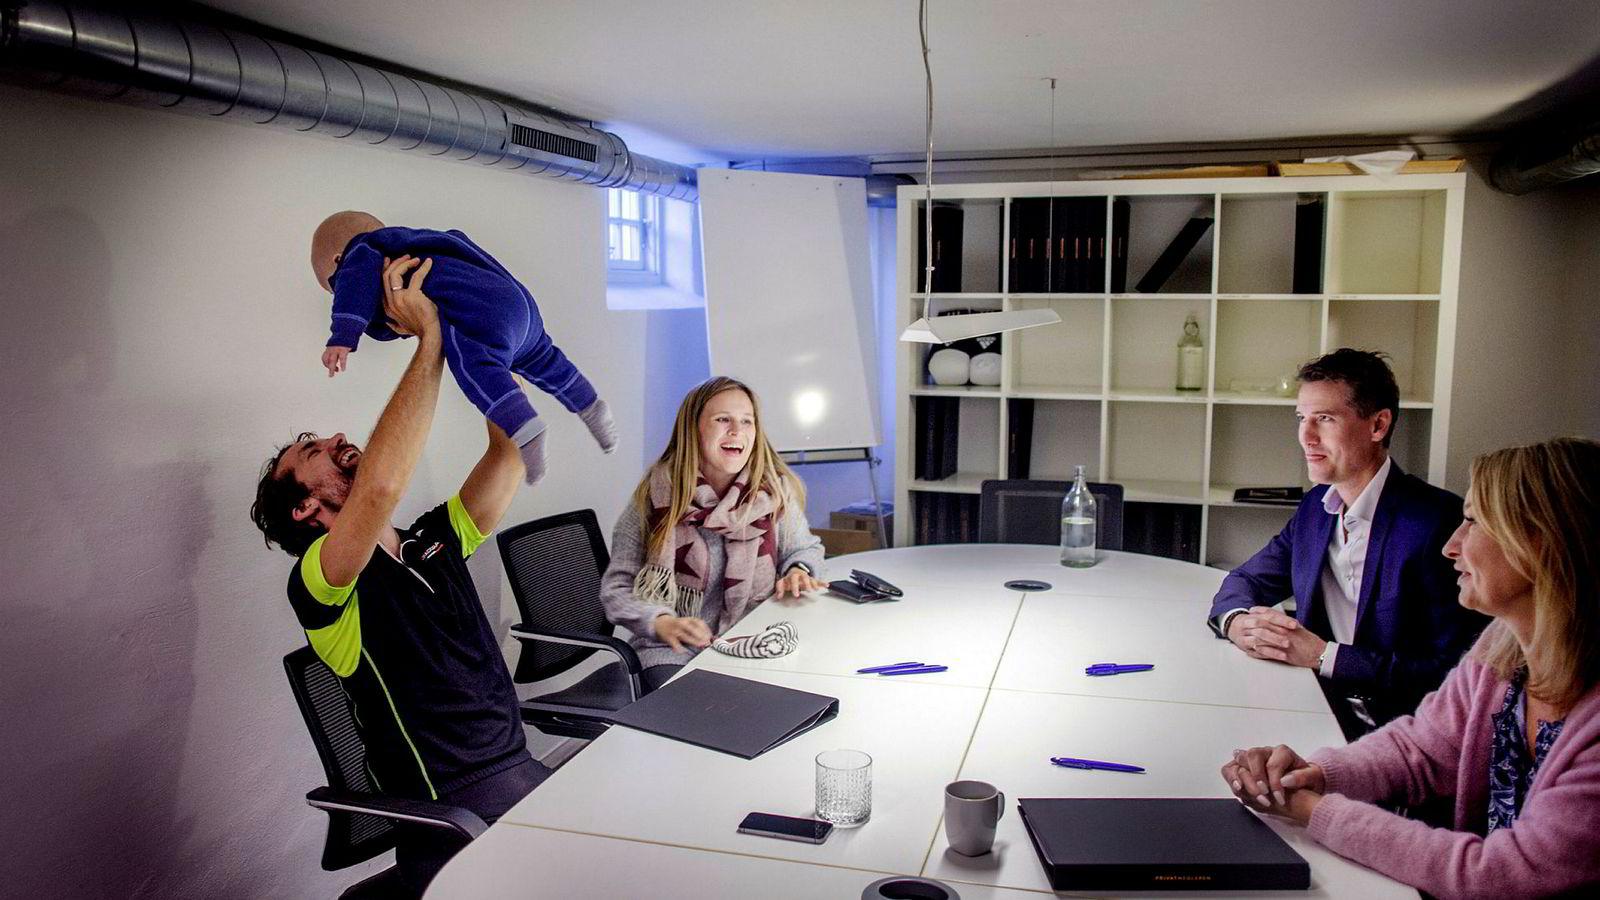 Eirik Horn-Forvik underholder sønnen Victor, som syntes kontraktsmøtet ble litt kjedelig etter hvert. Han og Maria Horn-Forvik skrev under salgskontrakten bare en halvtime før sentralbanksjefen annonserte høyere rente. Til høyre megler Carl Erik Solli og selger Anja Staalesen.